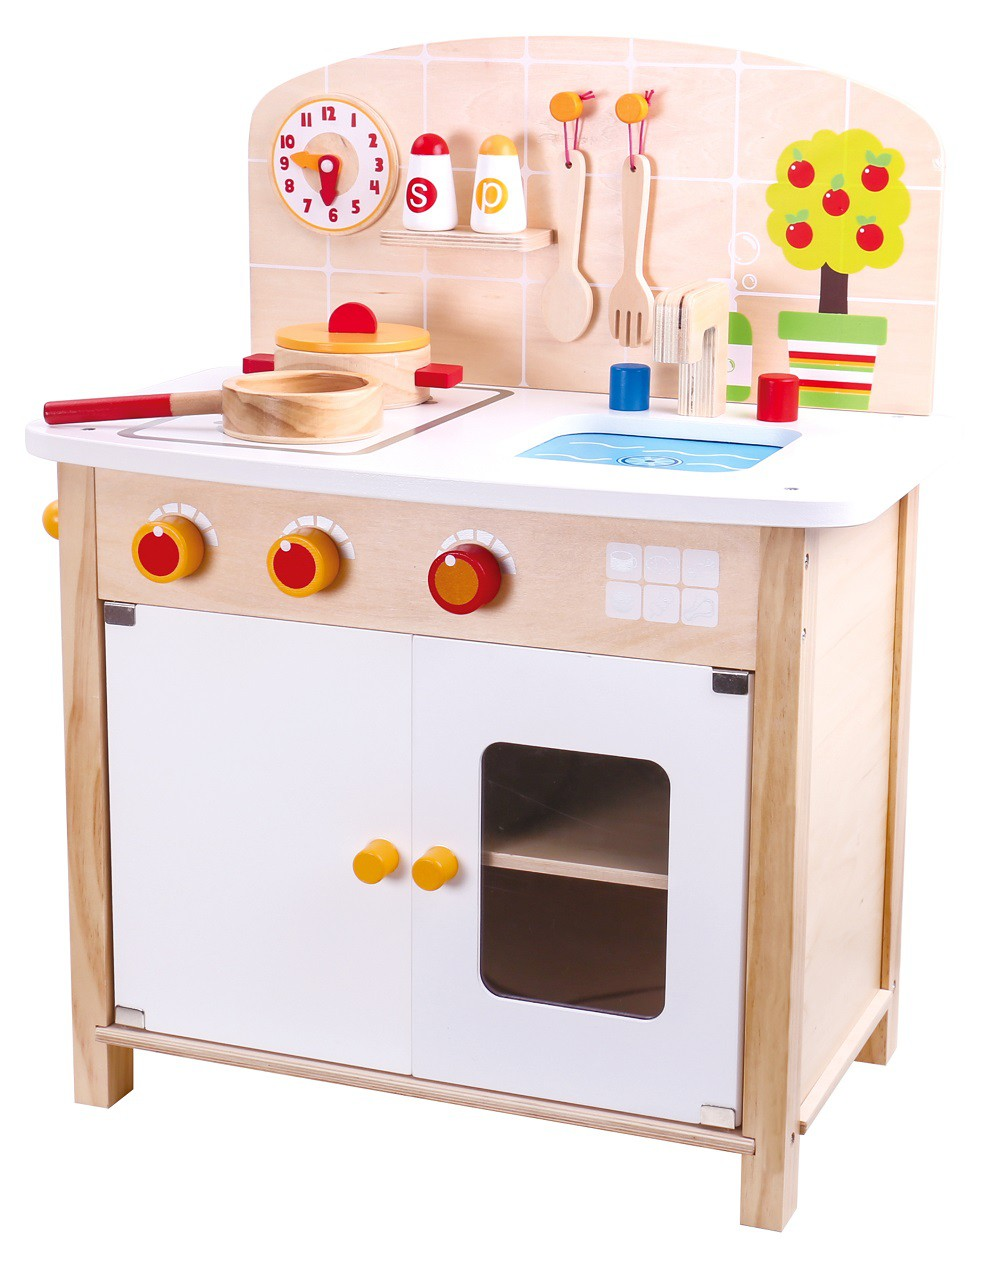 Cozinha de Madeira para casinha Infantl Cozinha Neutra